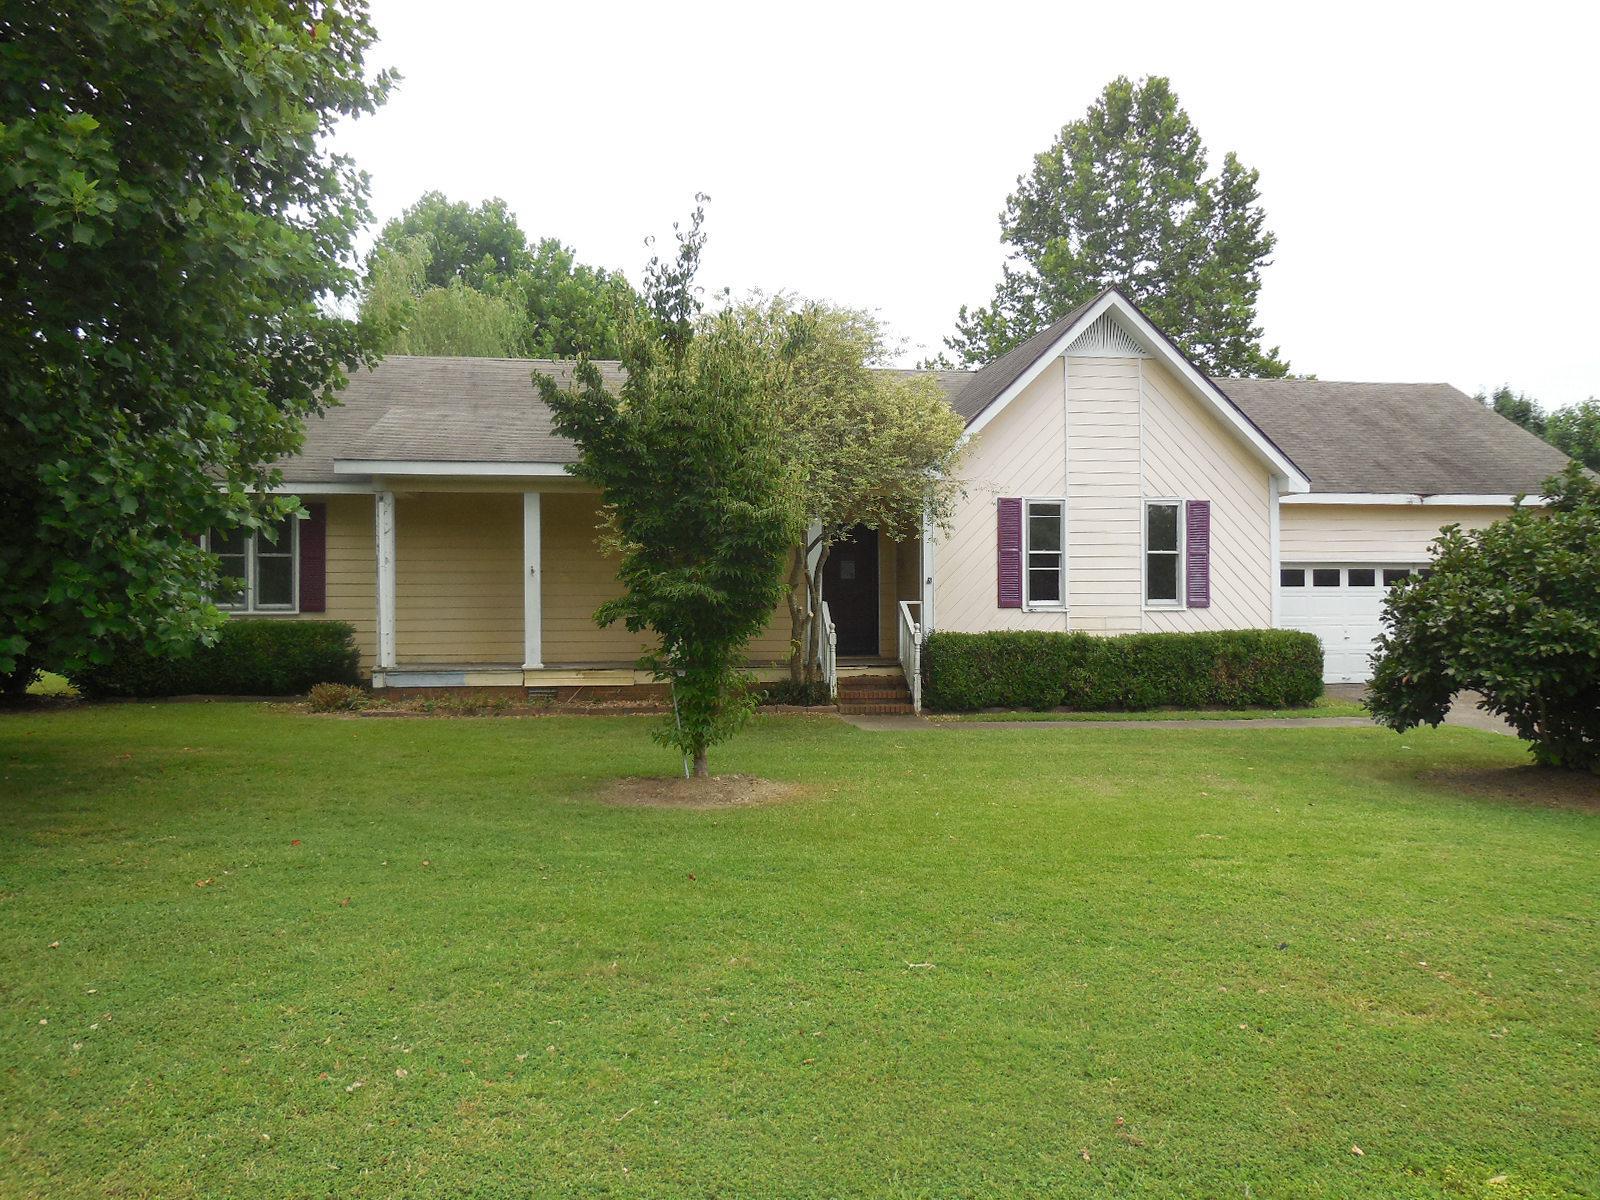 Albertville Alabama Homes For Sale By Owner